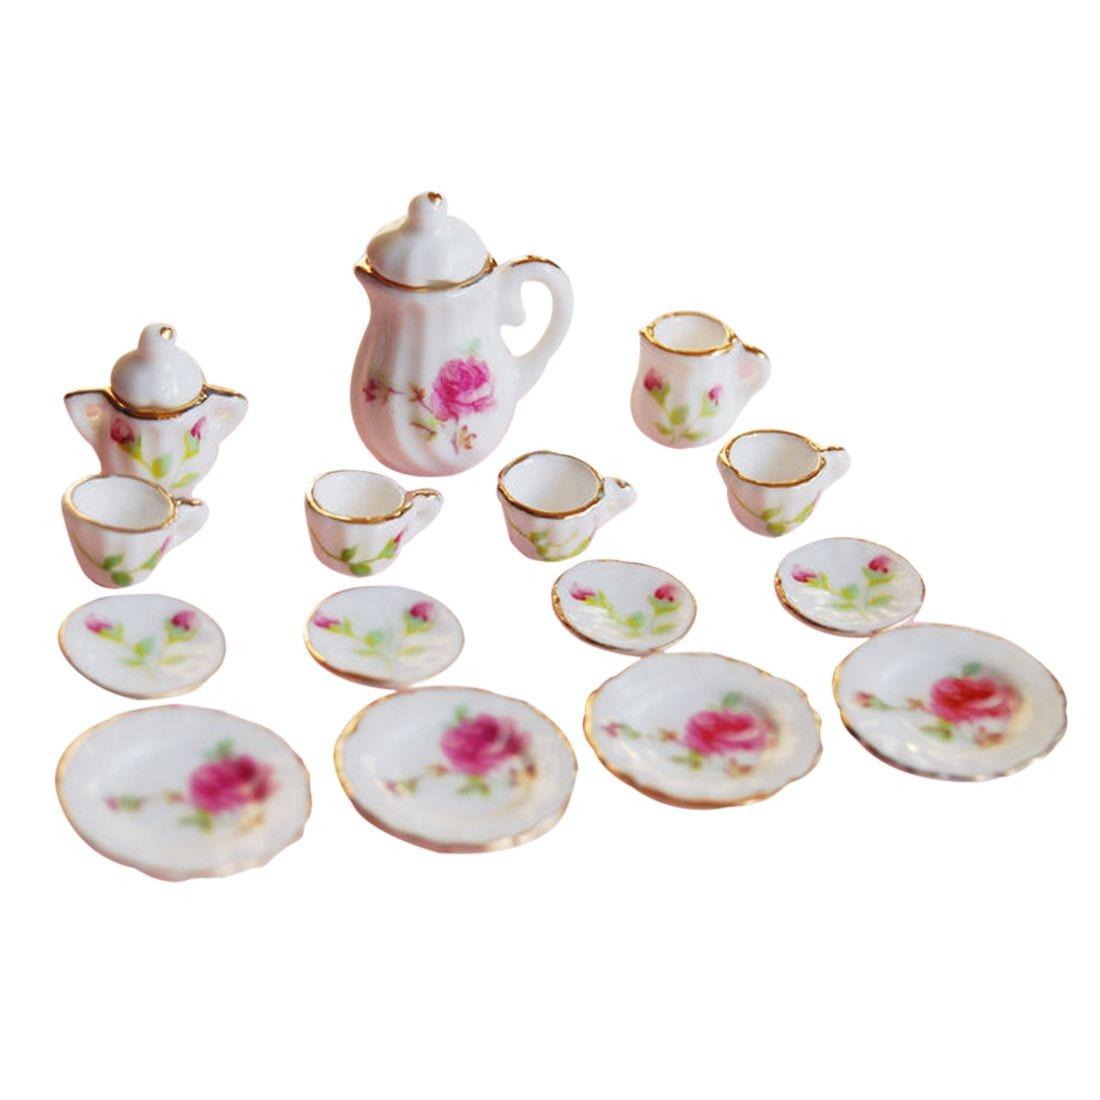 ABWE Best Sale 1/12 Scale Dollhouse Miniatures Porcelain